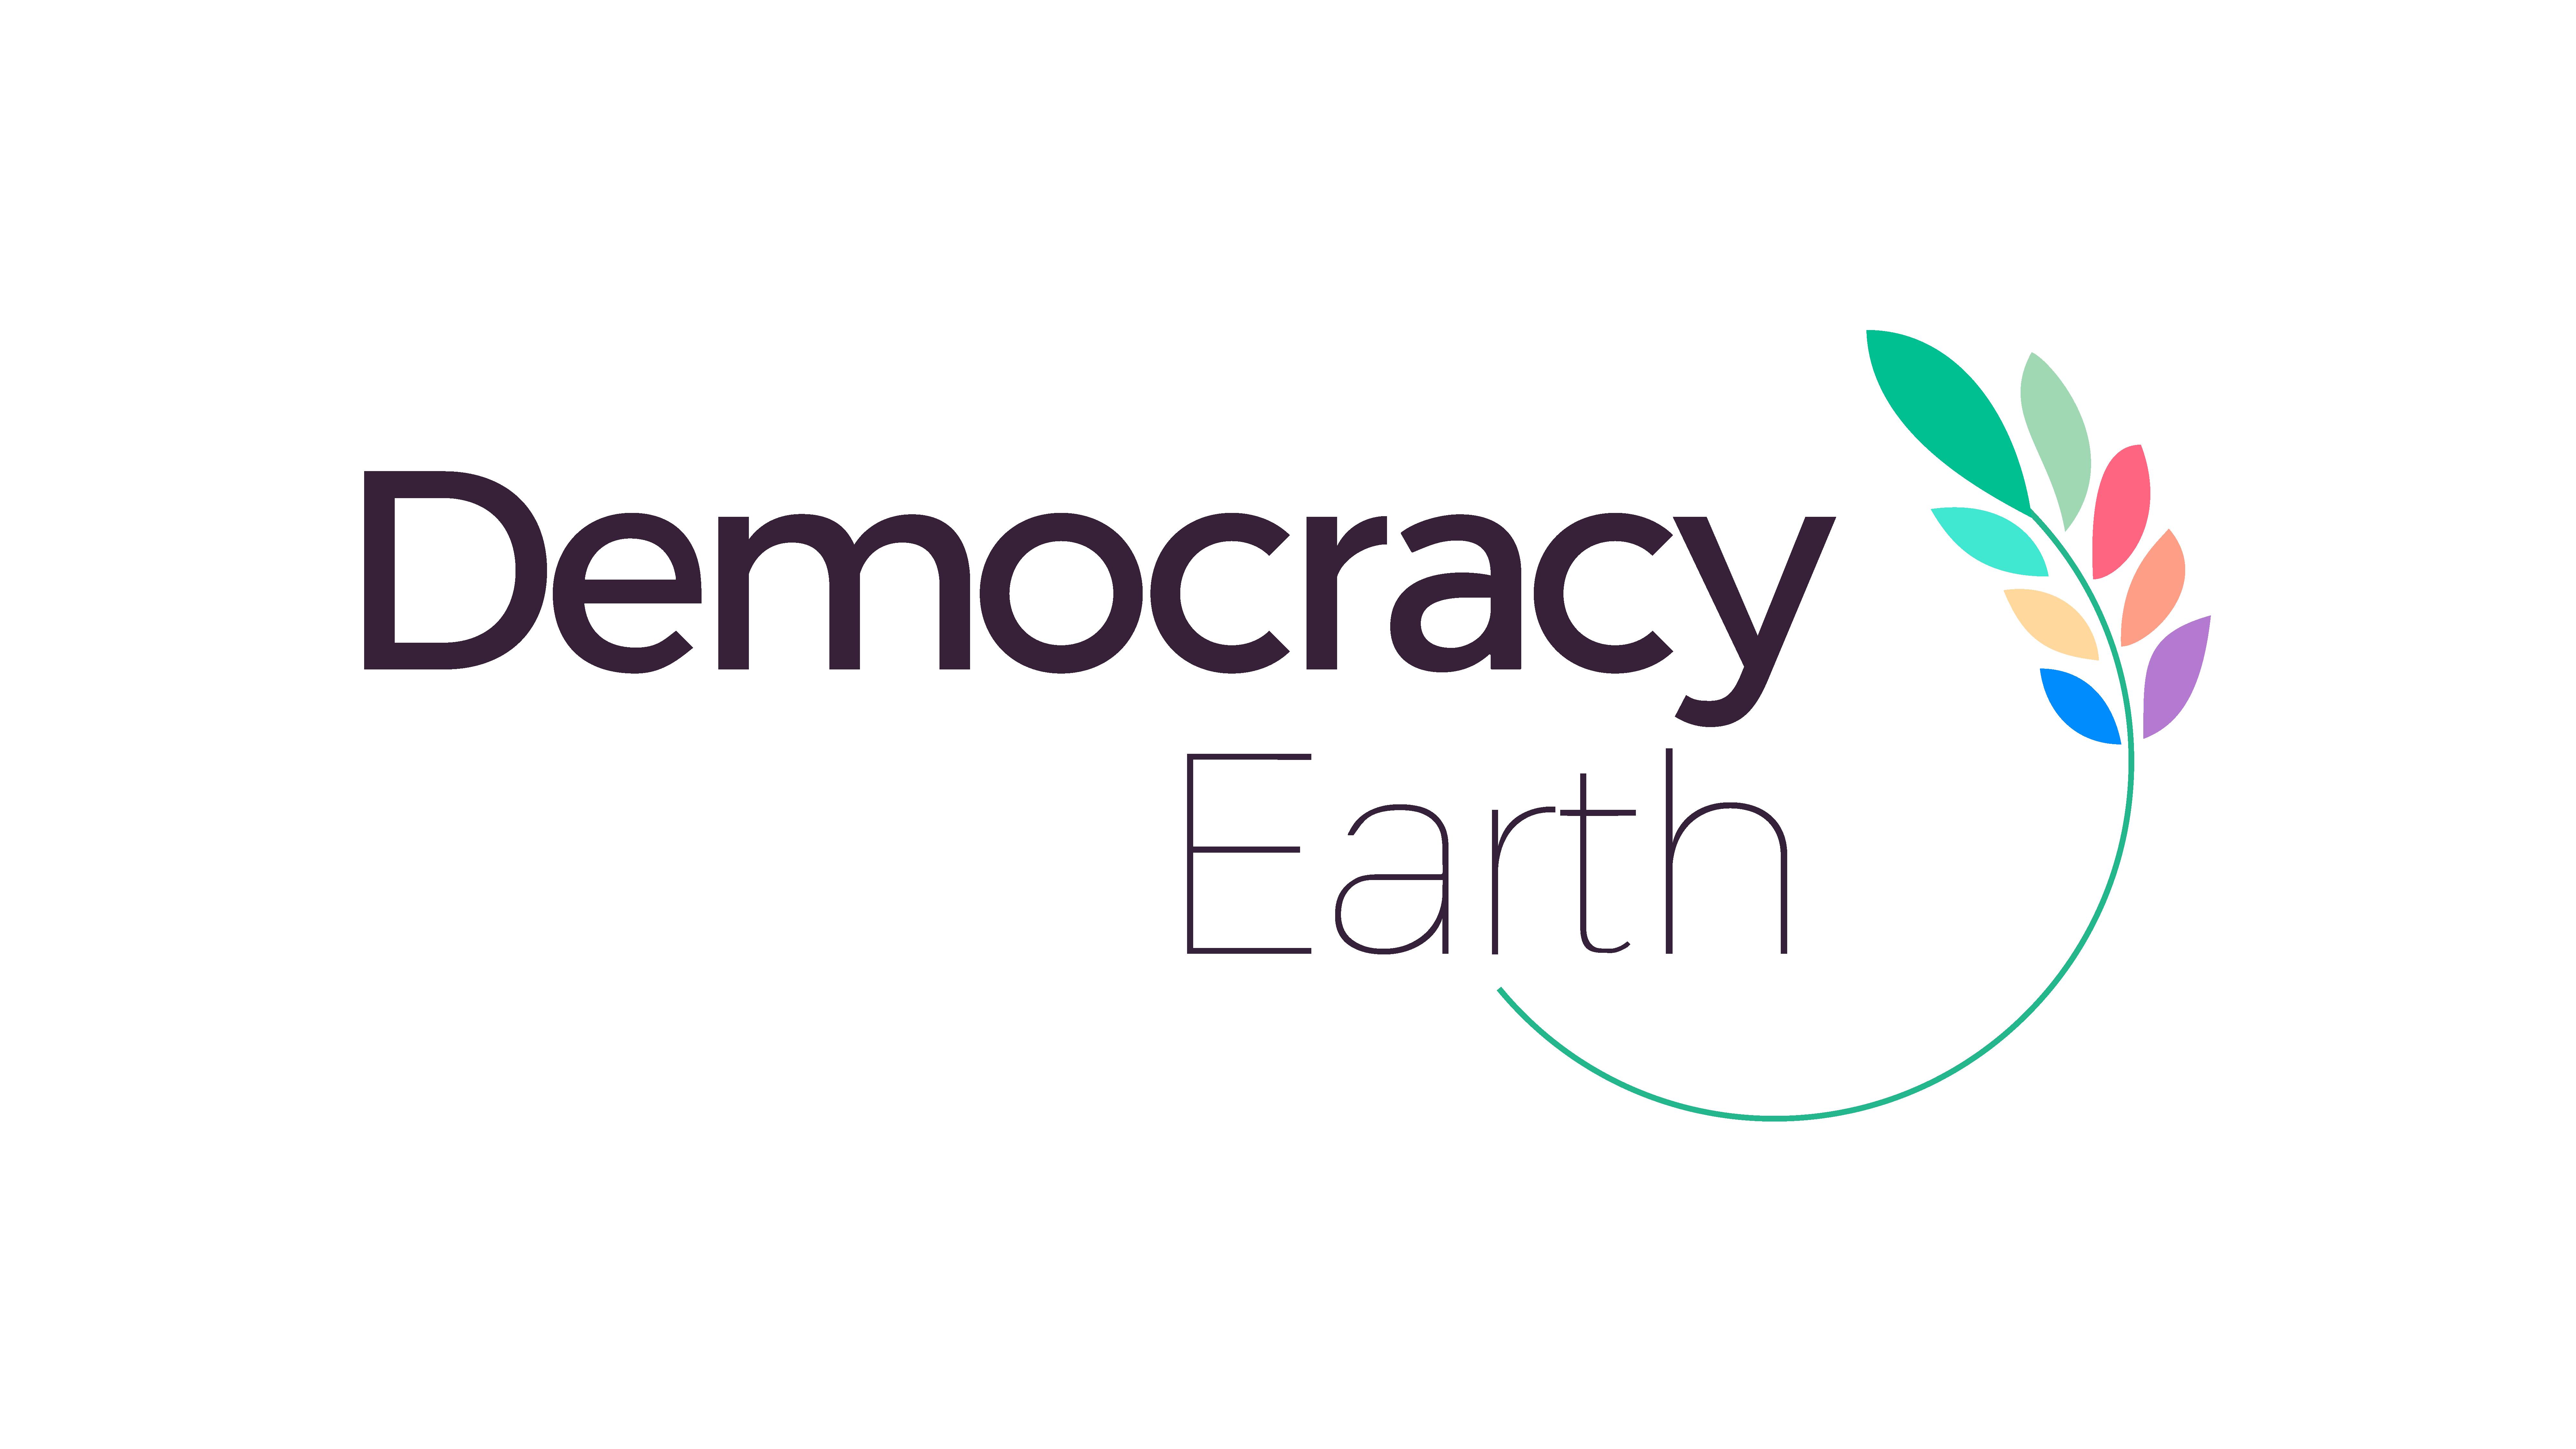 DemocracyEarth